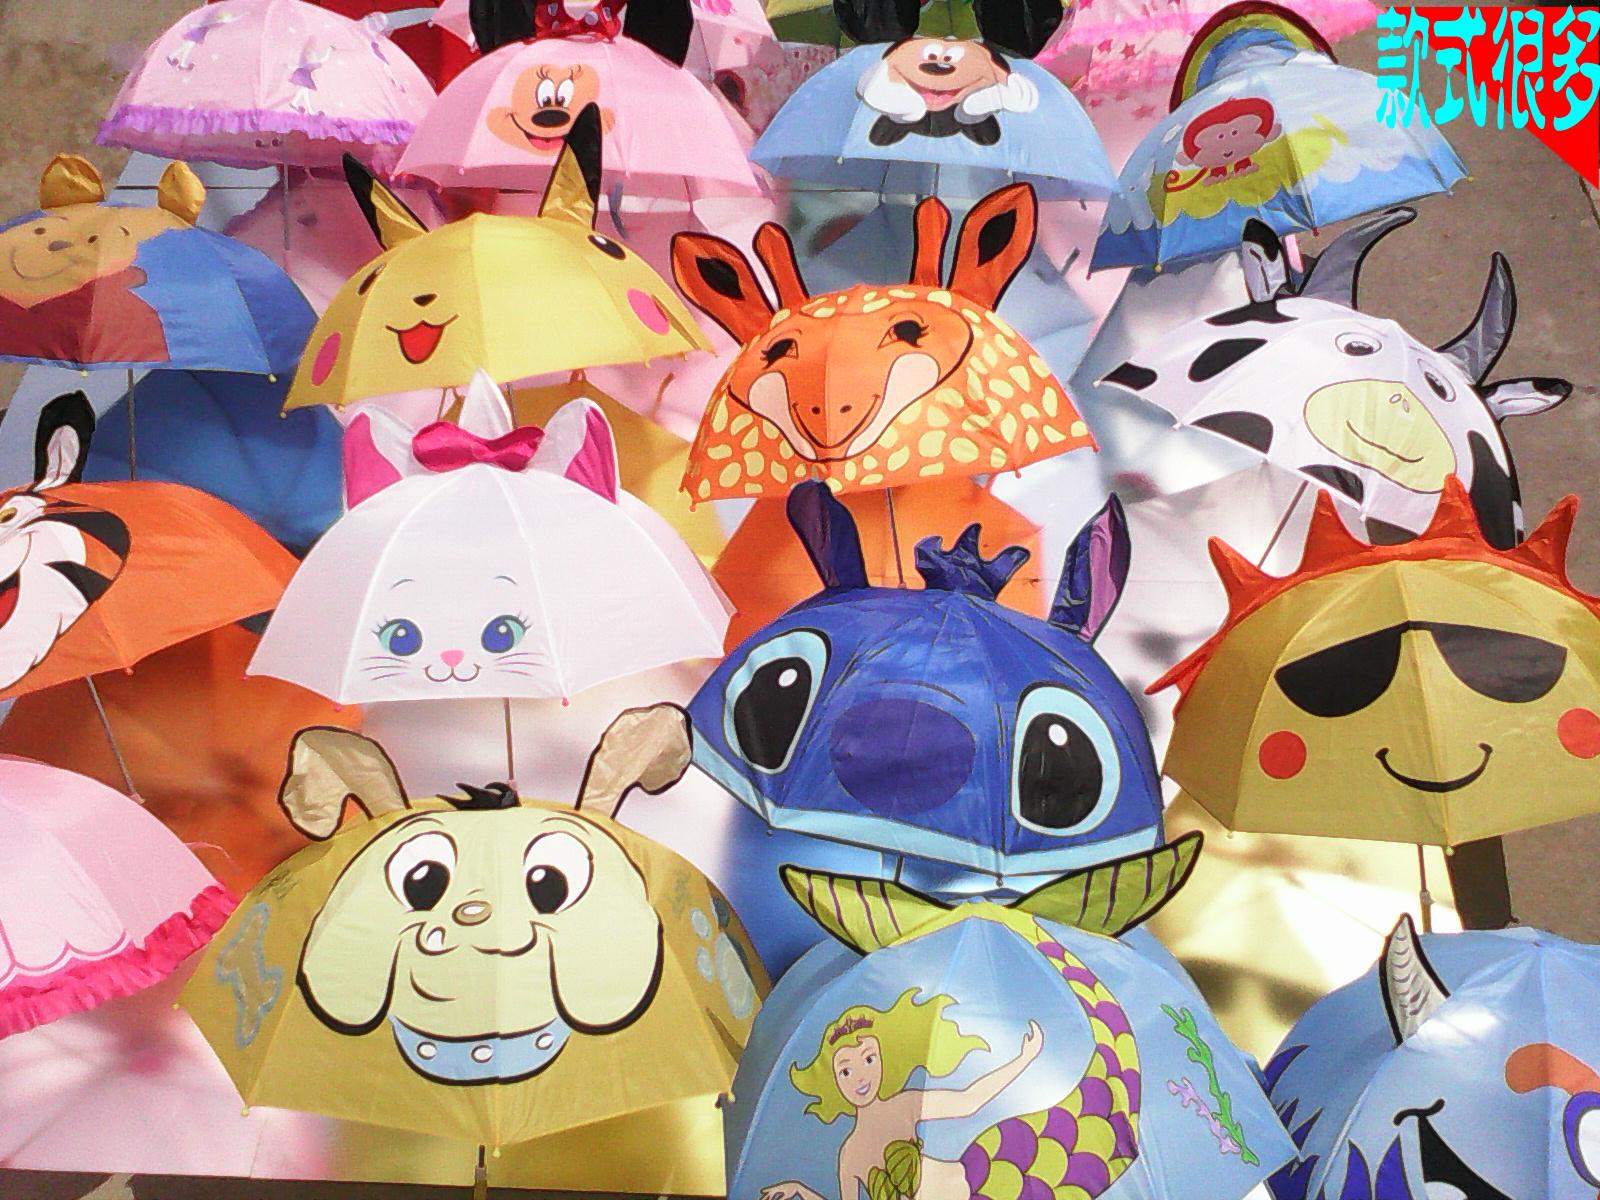 立体伞动物耳朵可爱晴雨伞儿童伞长柄卡通伞公主伞 宝宝礼物批发